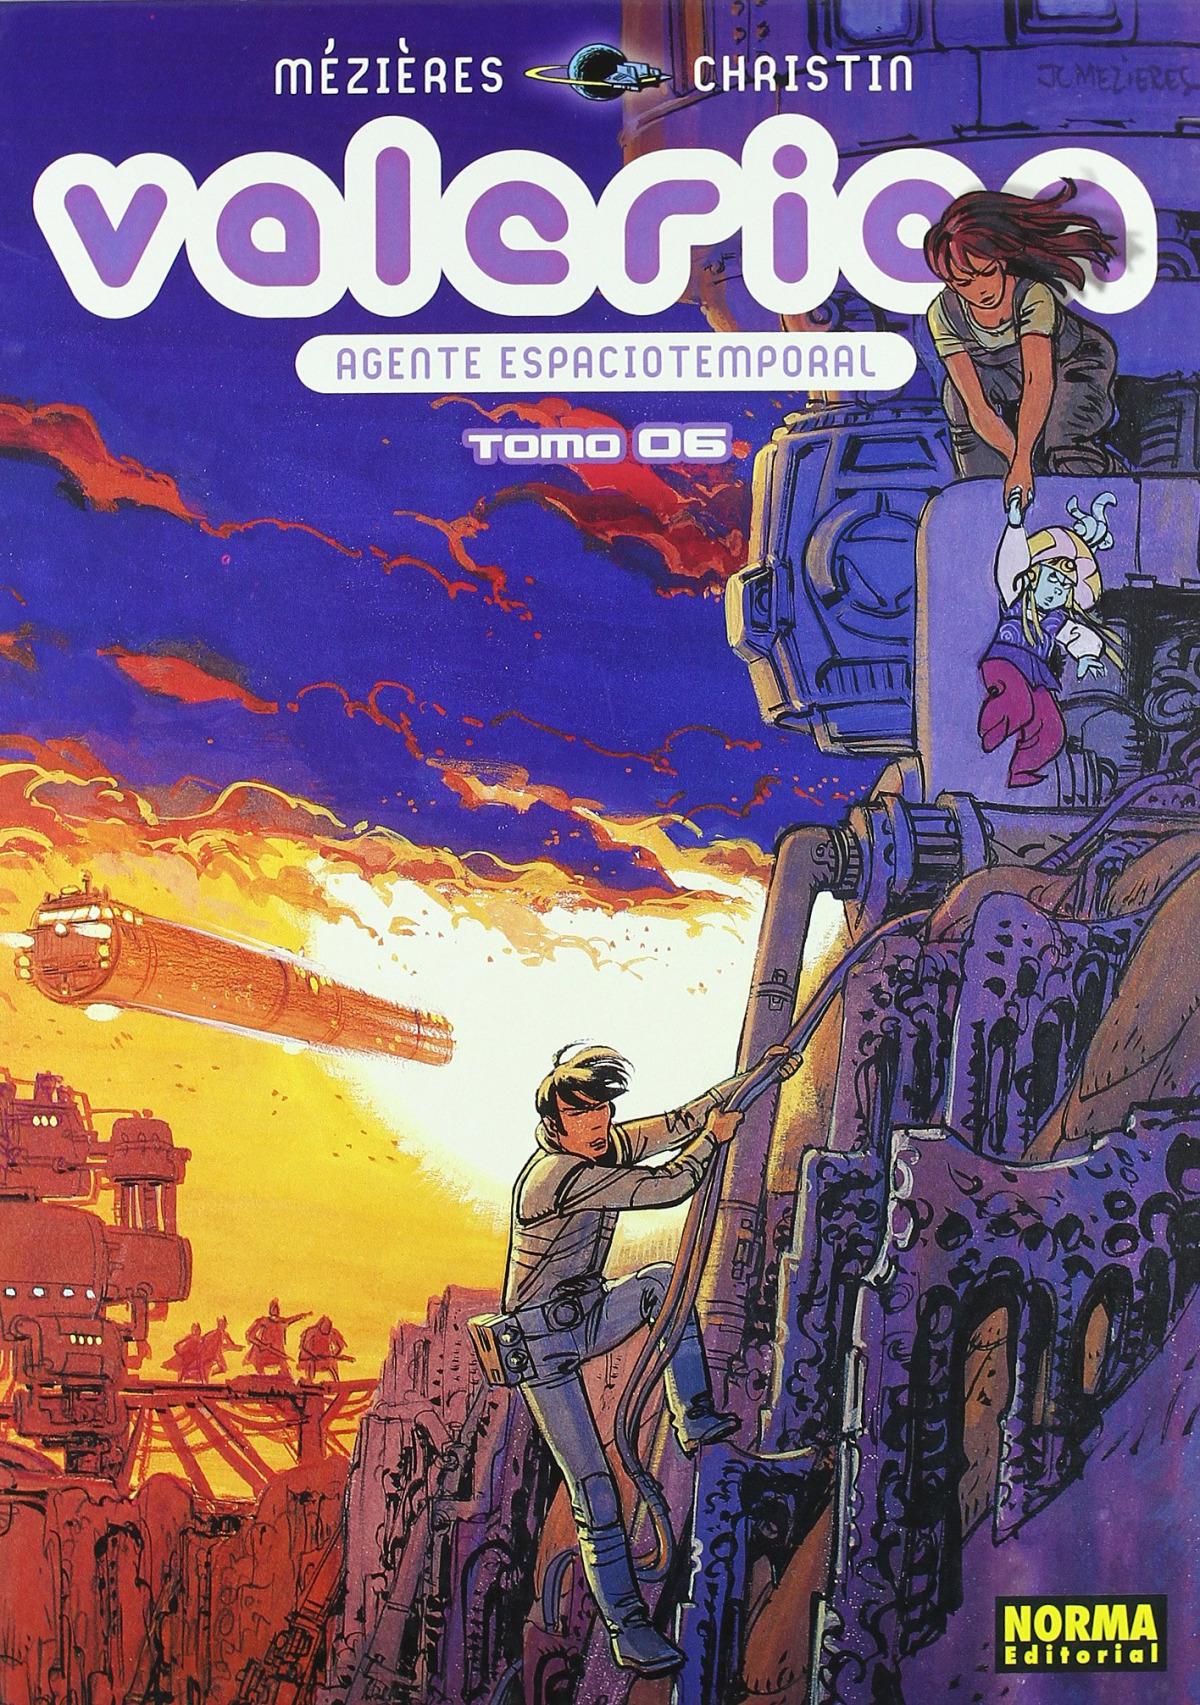 Valerian, 6 Agente Espaciotemporal